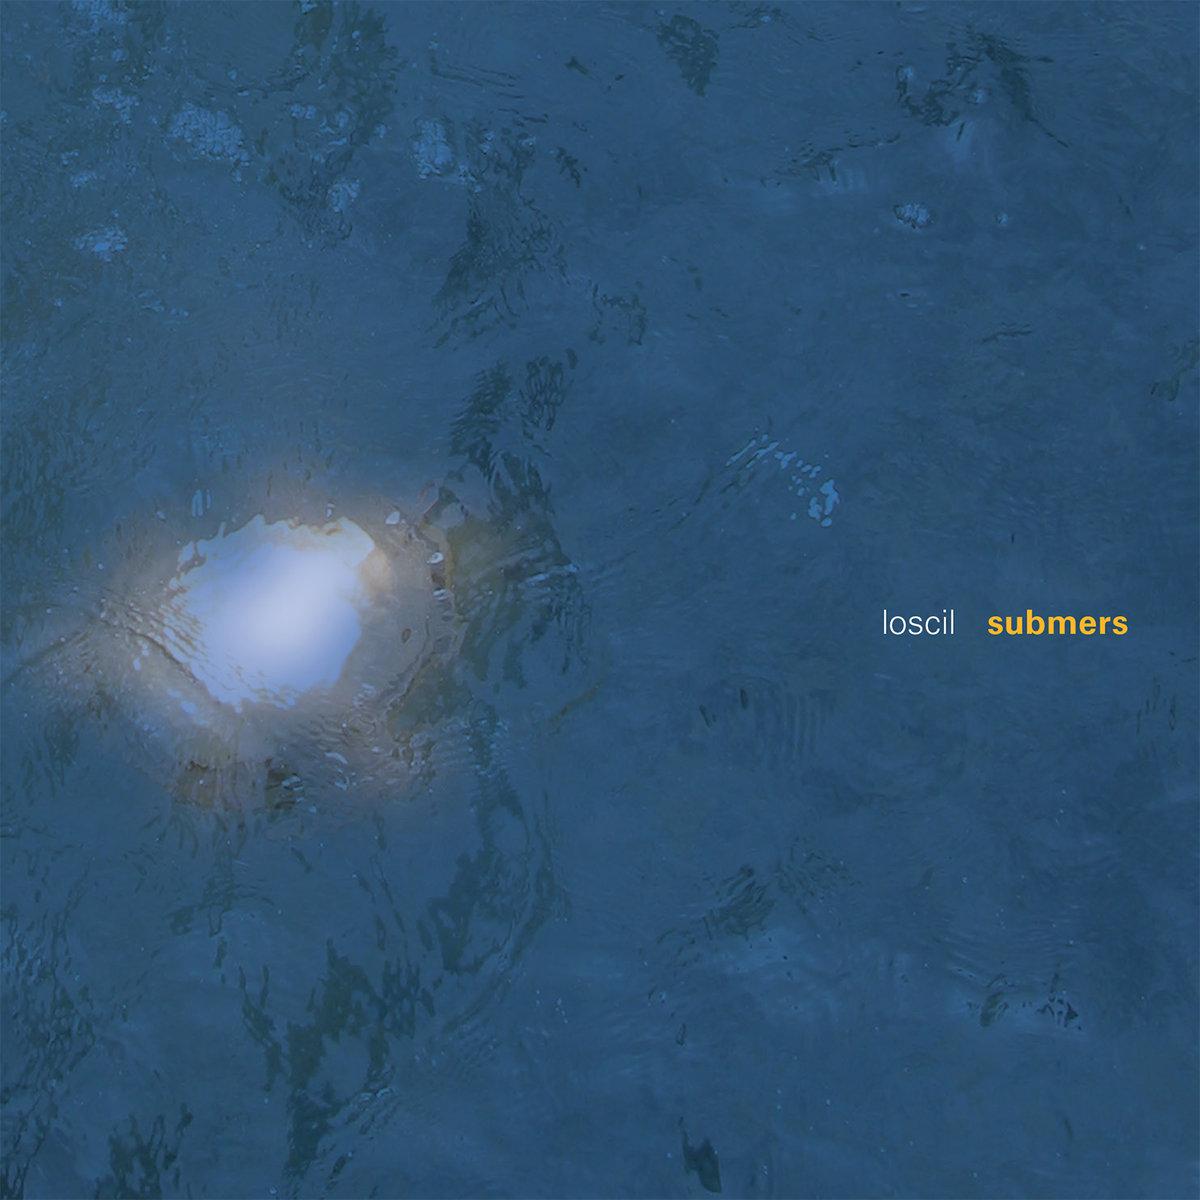 Submers Loscil